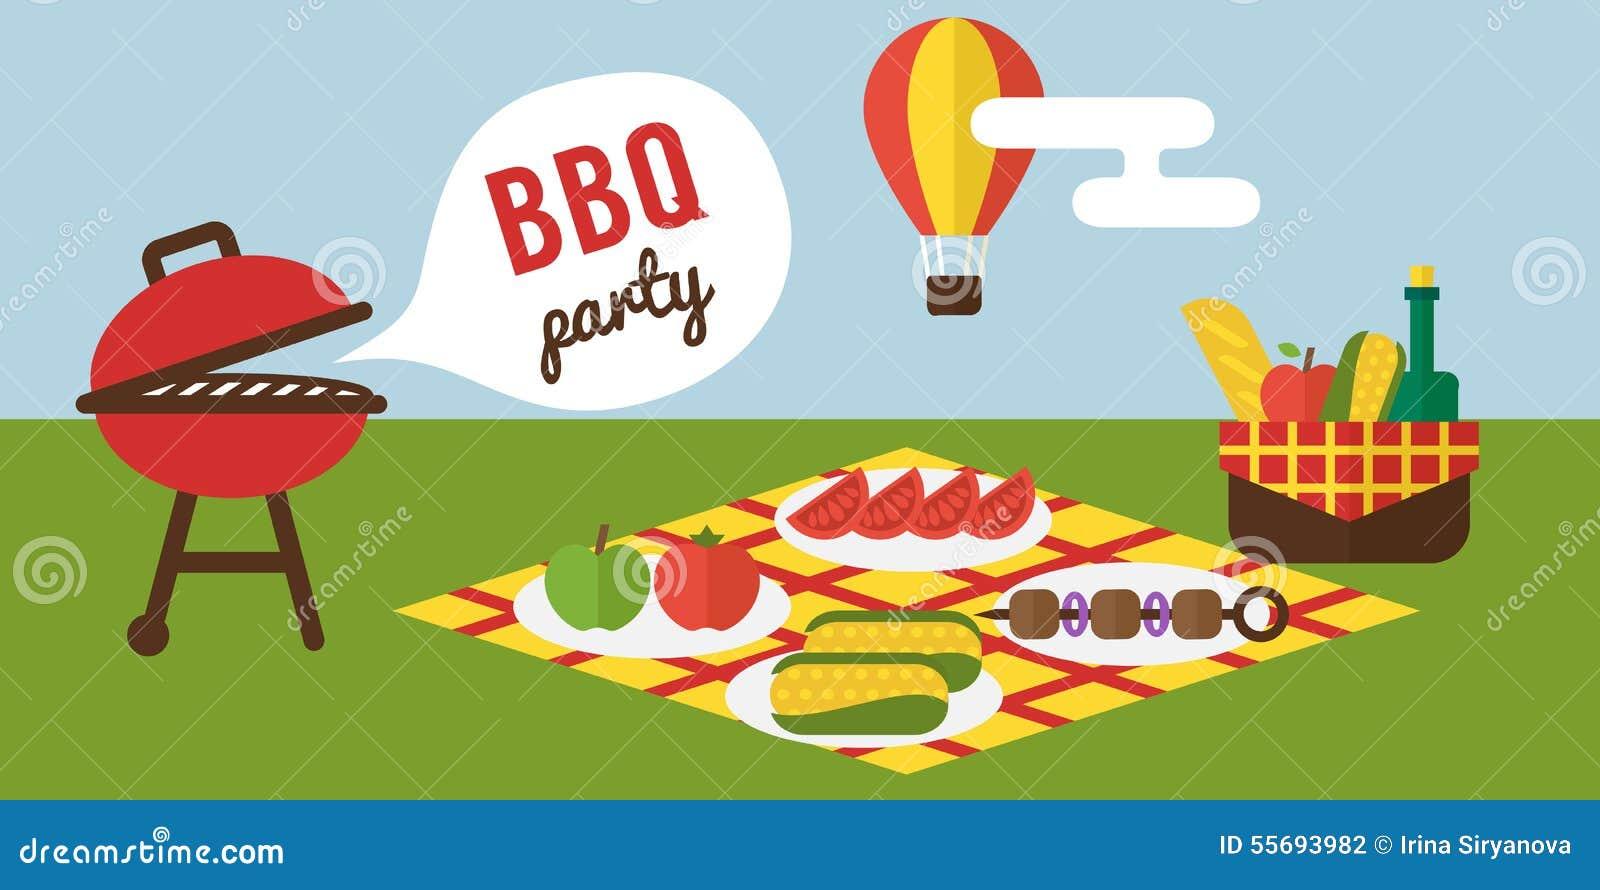 Bbq Invitation Template Free for beautiful invitations design